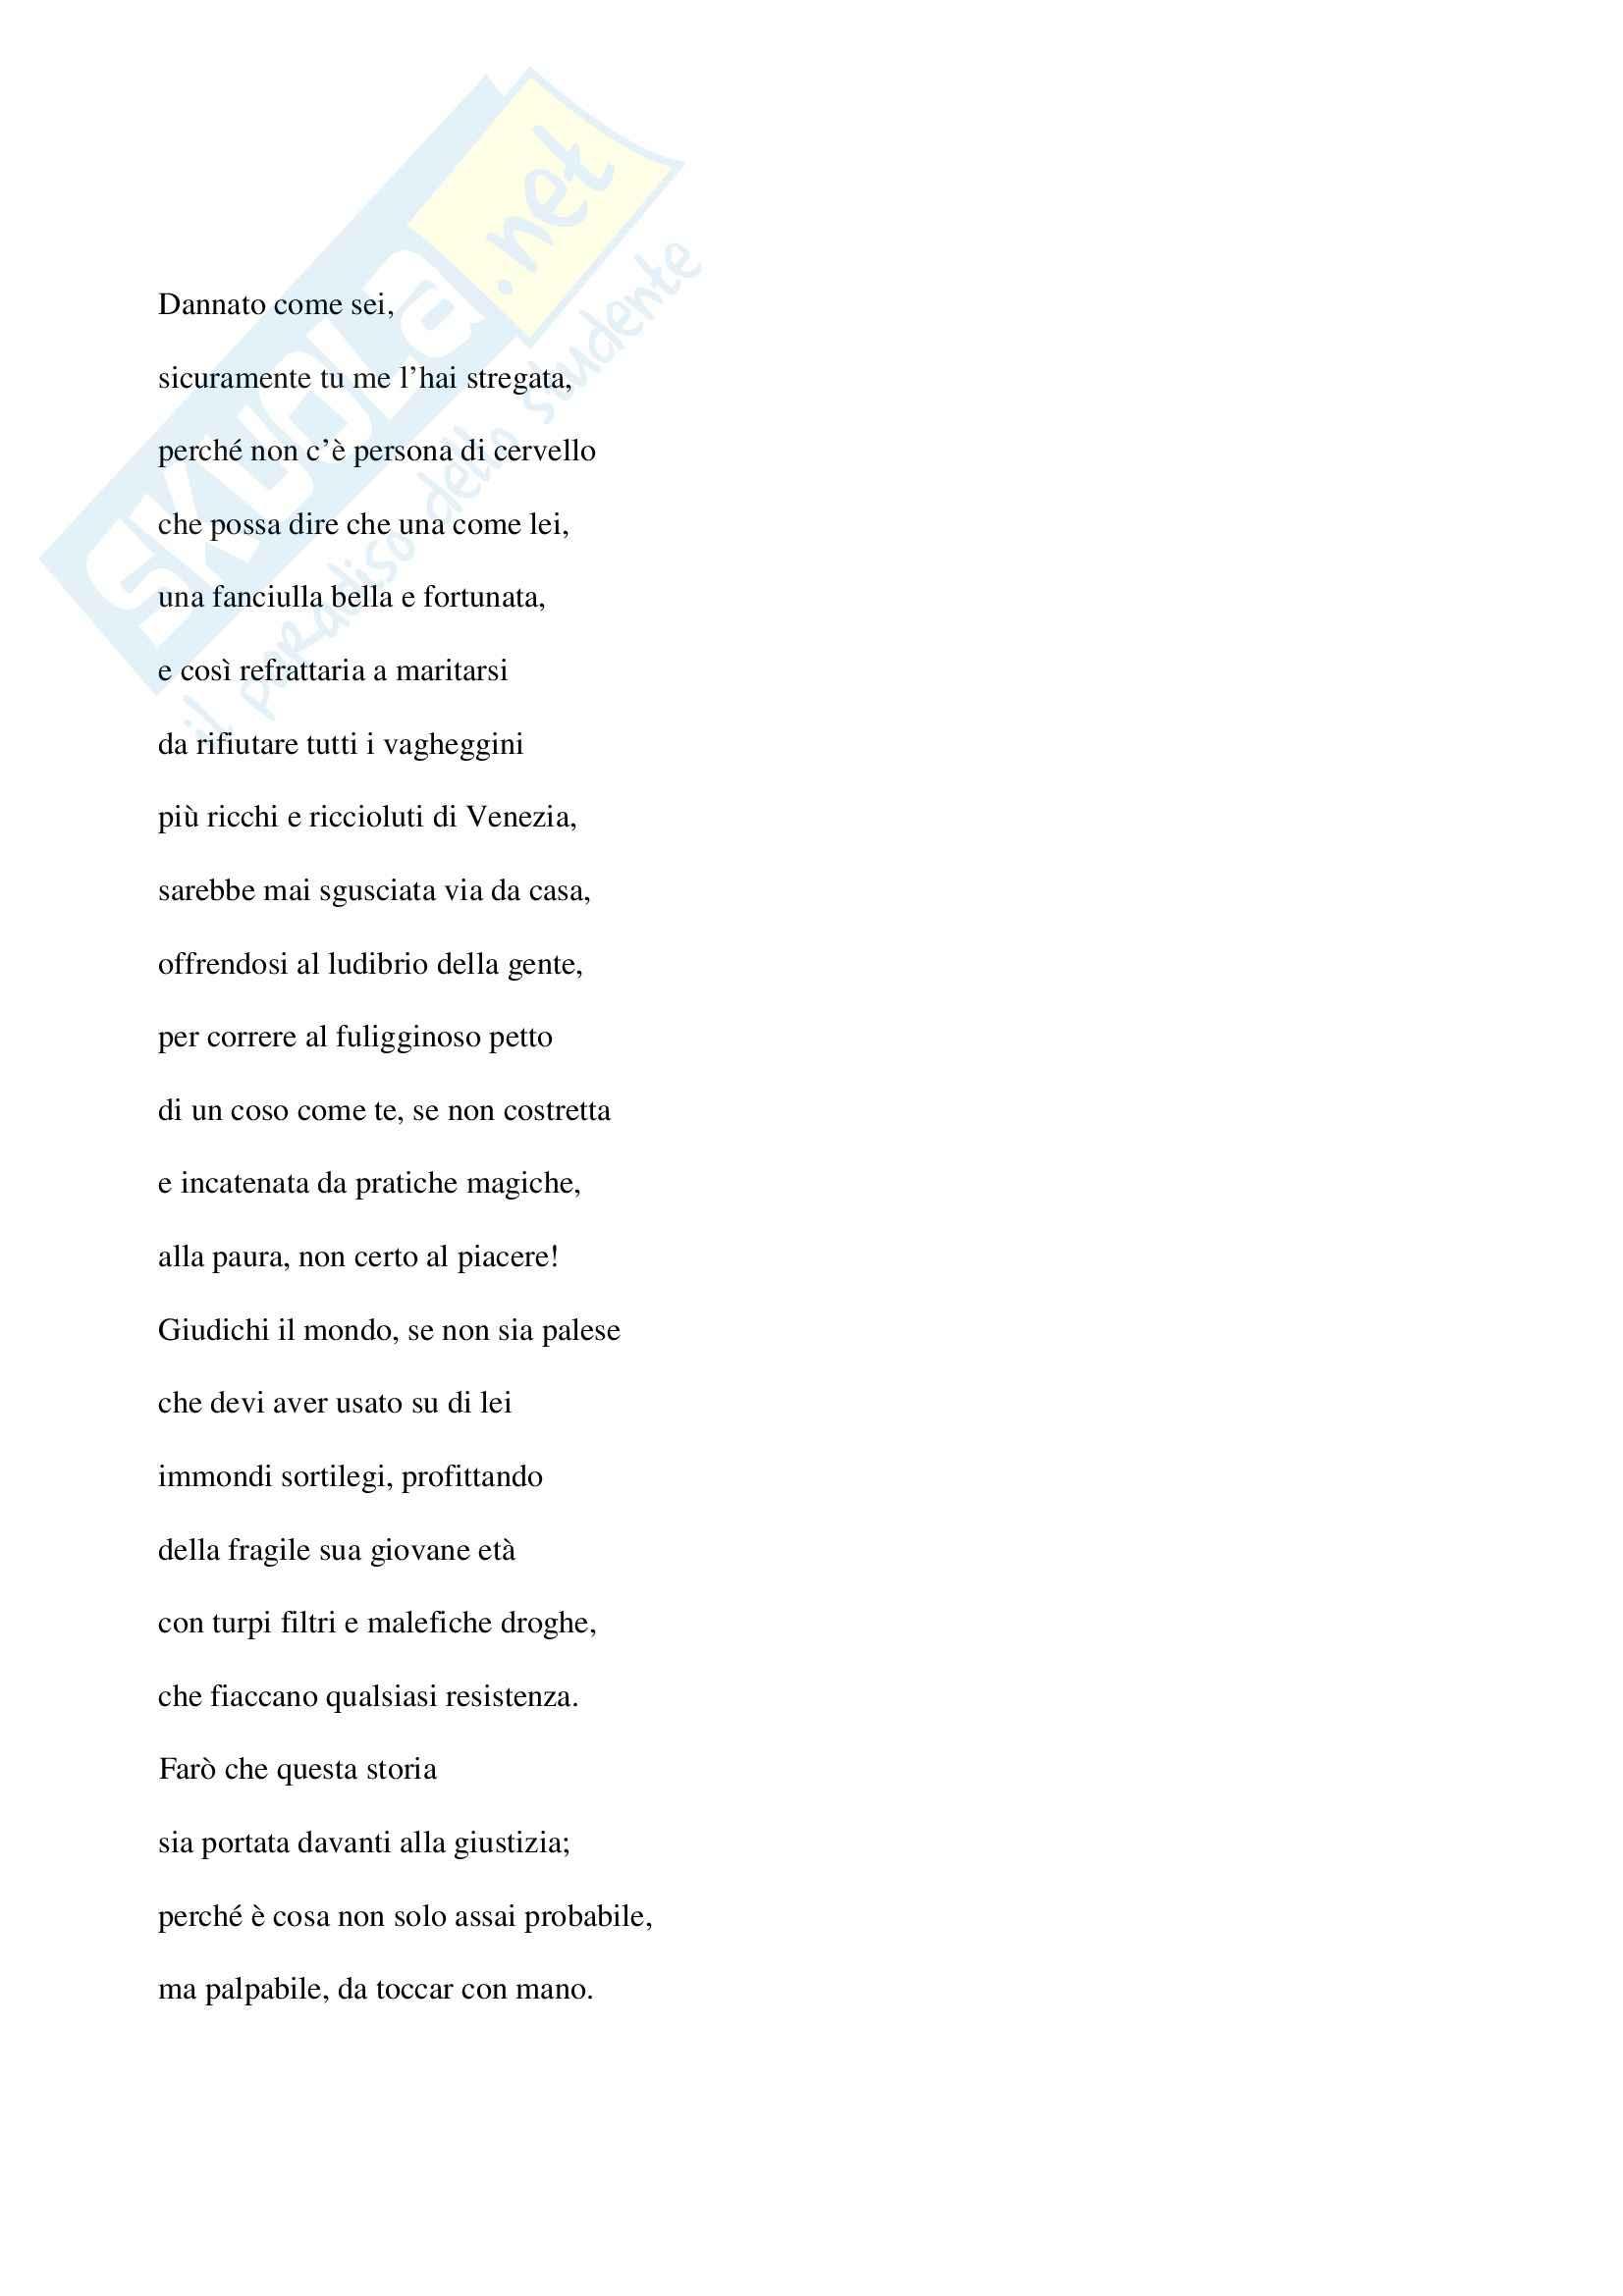 Otello, Shakespeare - Testo completo Pag. 26